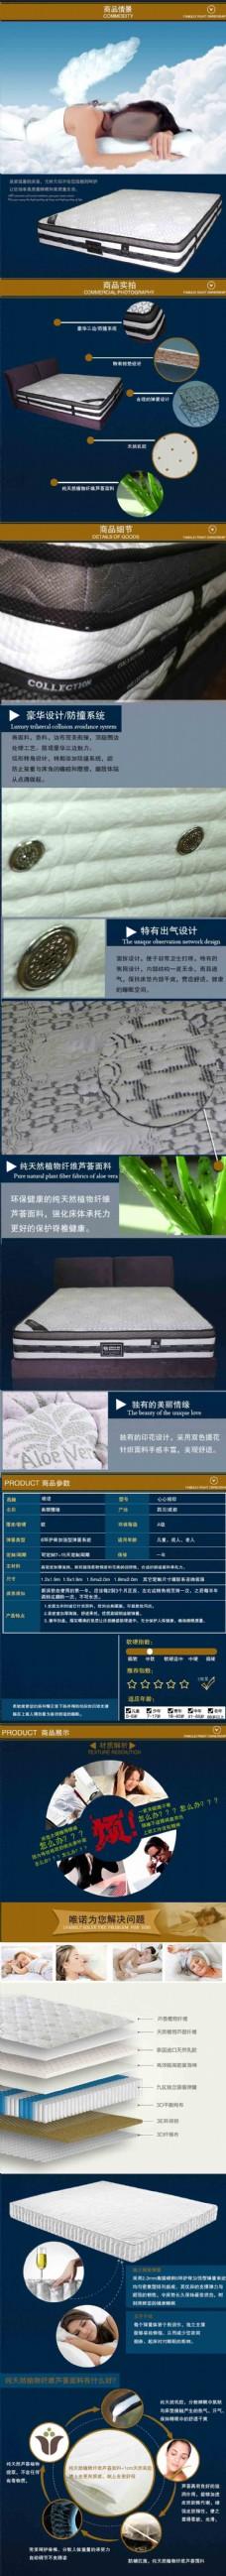 淘宝床垫详情设计